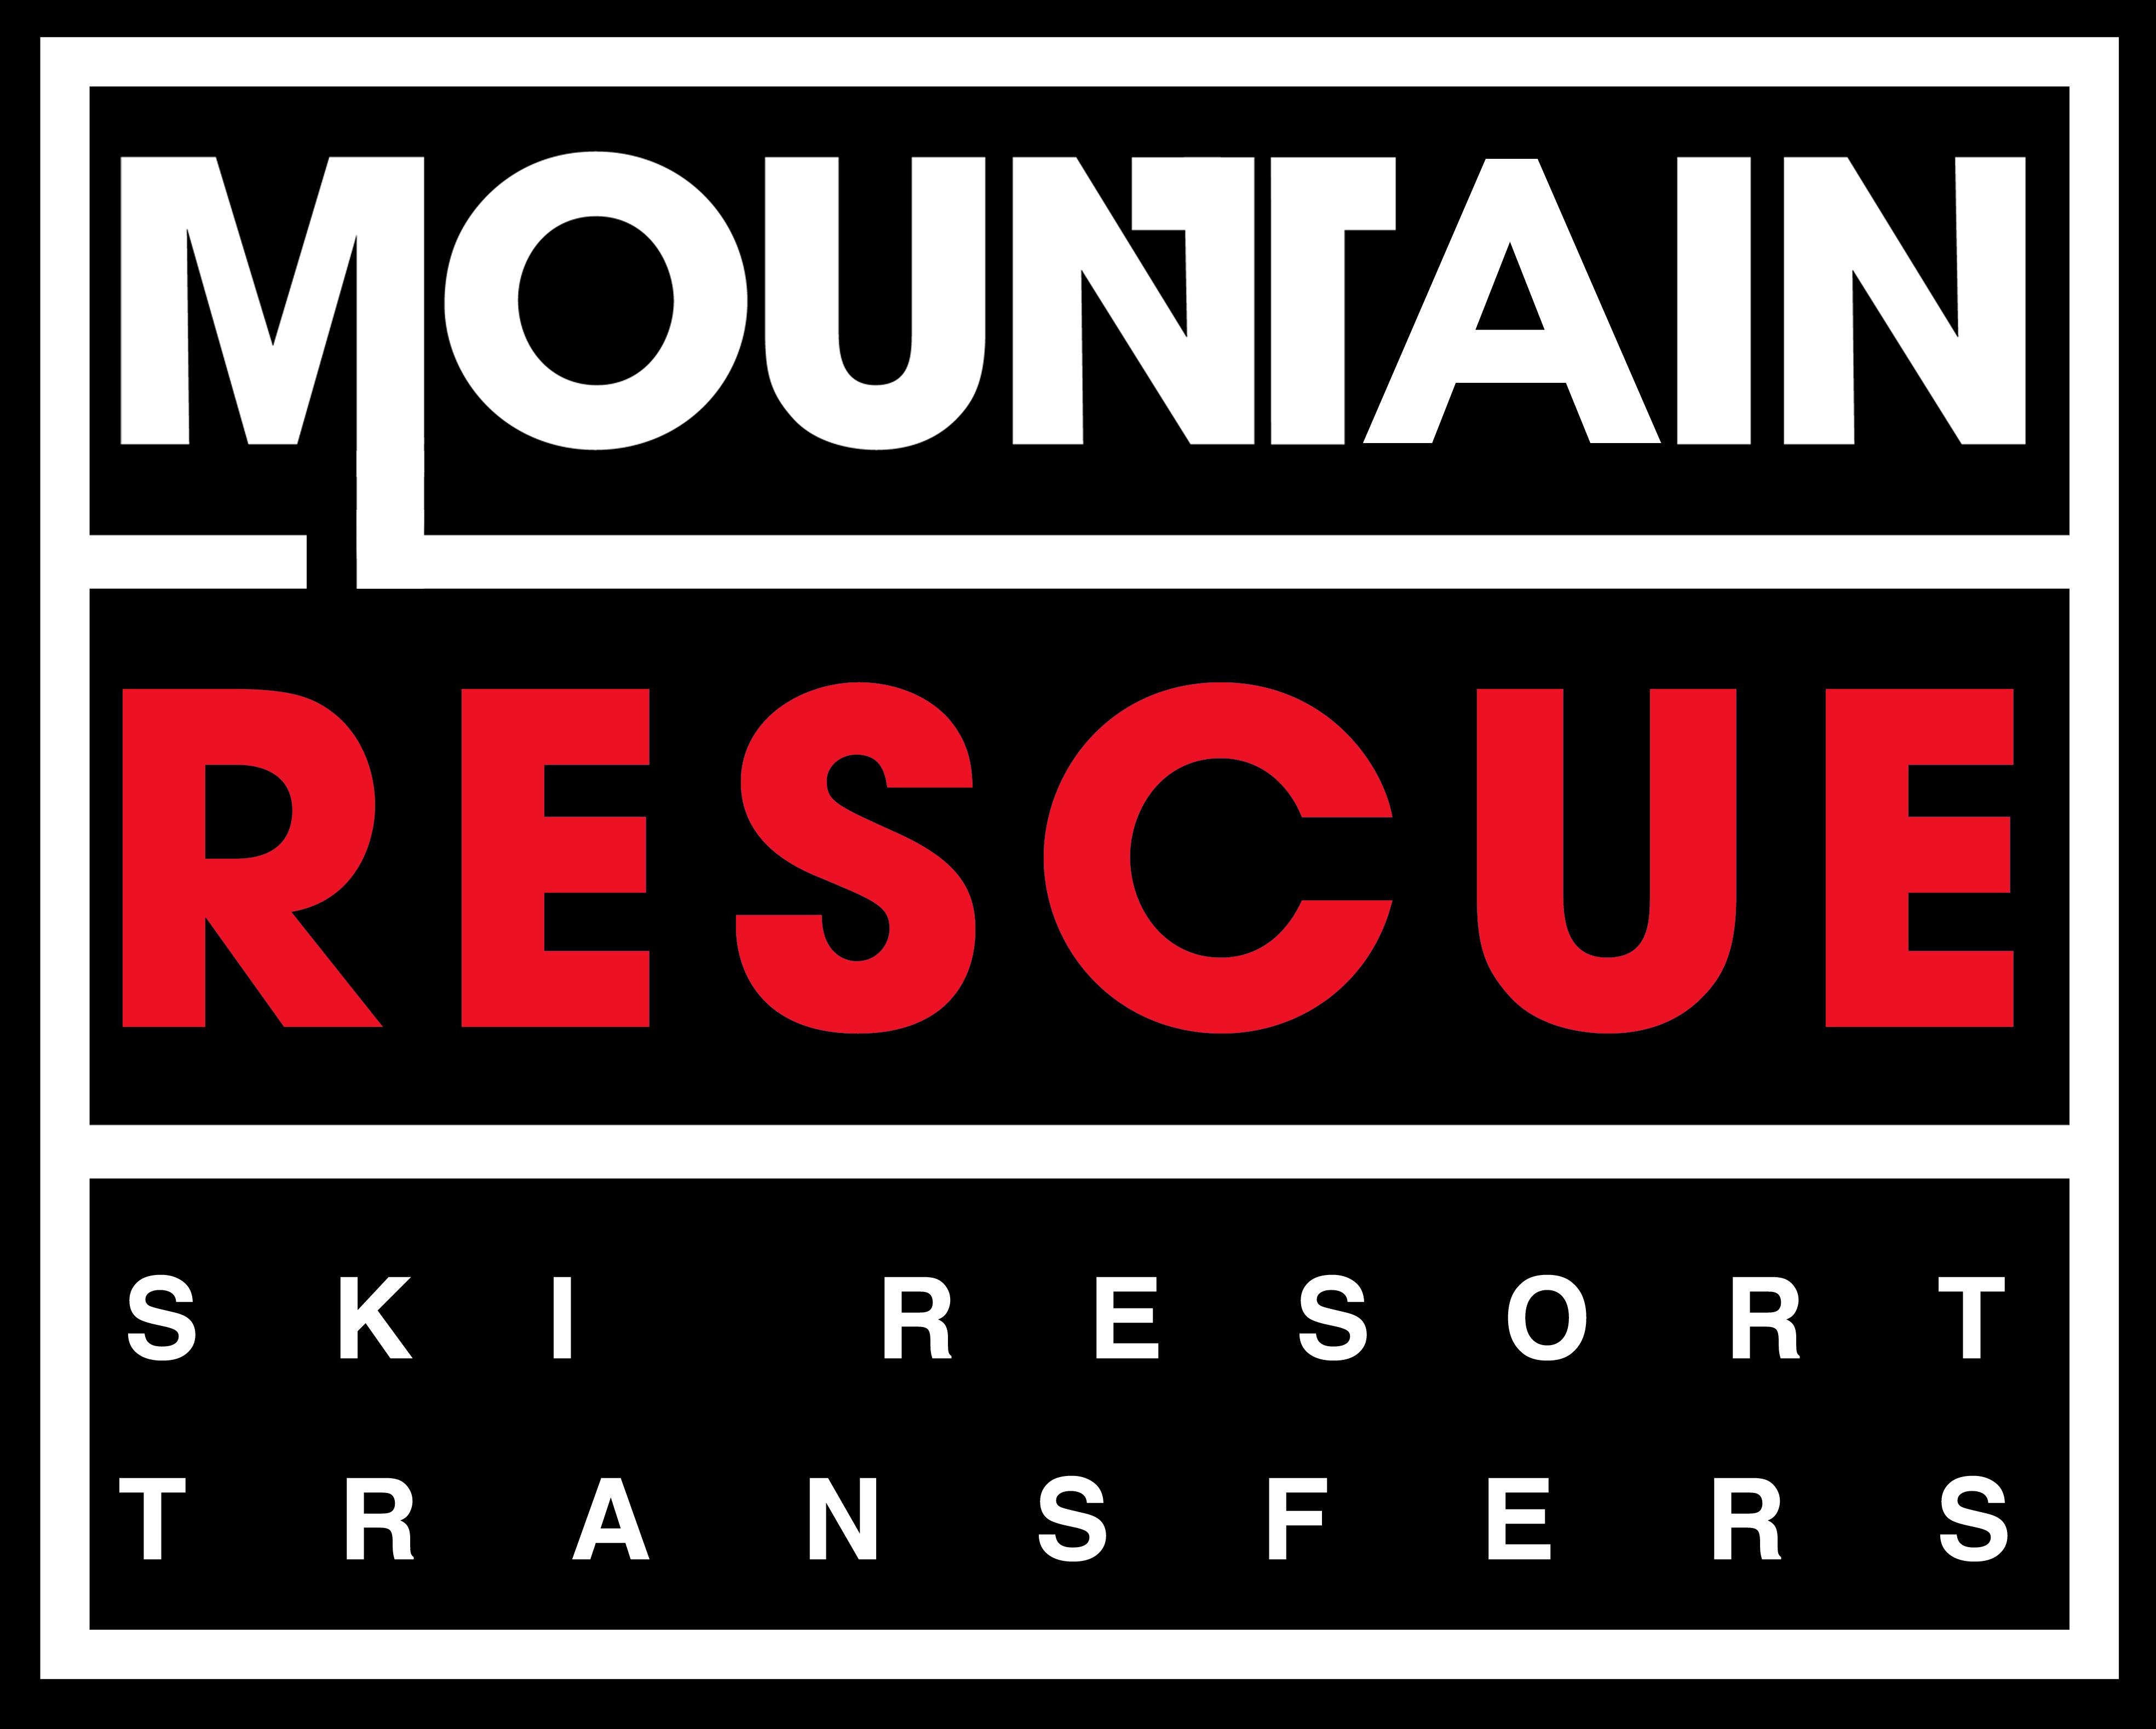 Mountain rescue logo images - Lyon to geneva bus ...